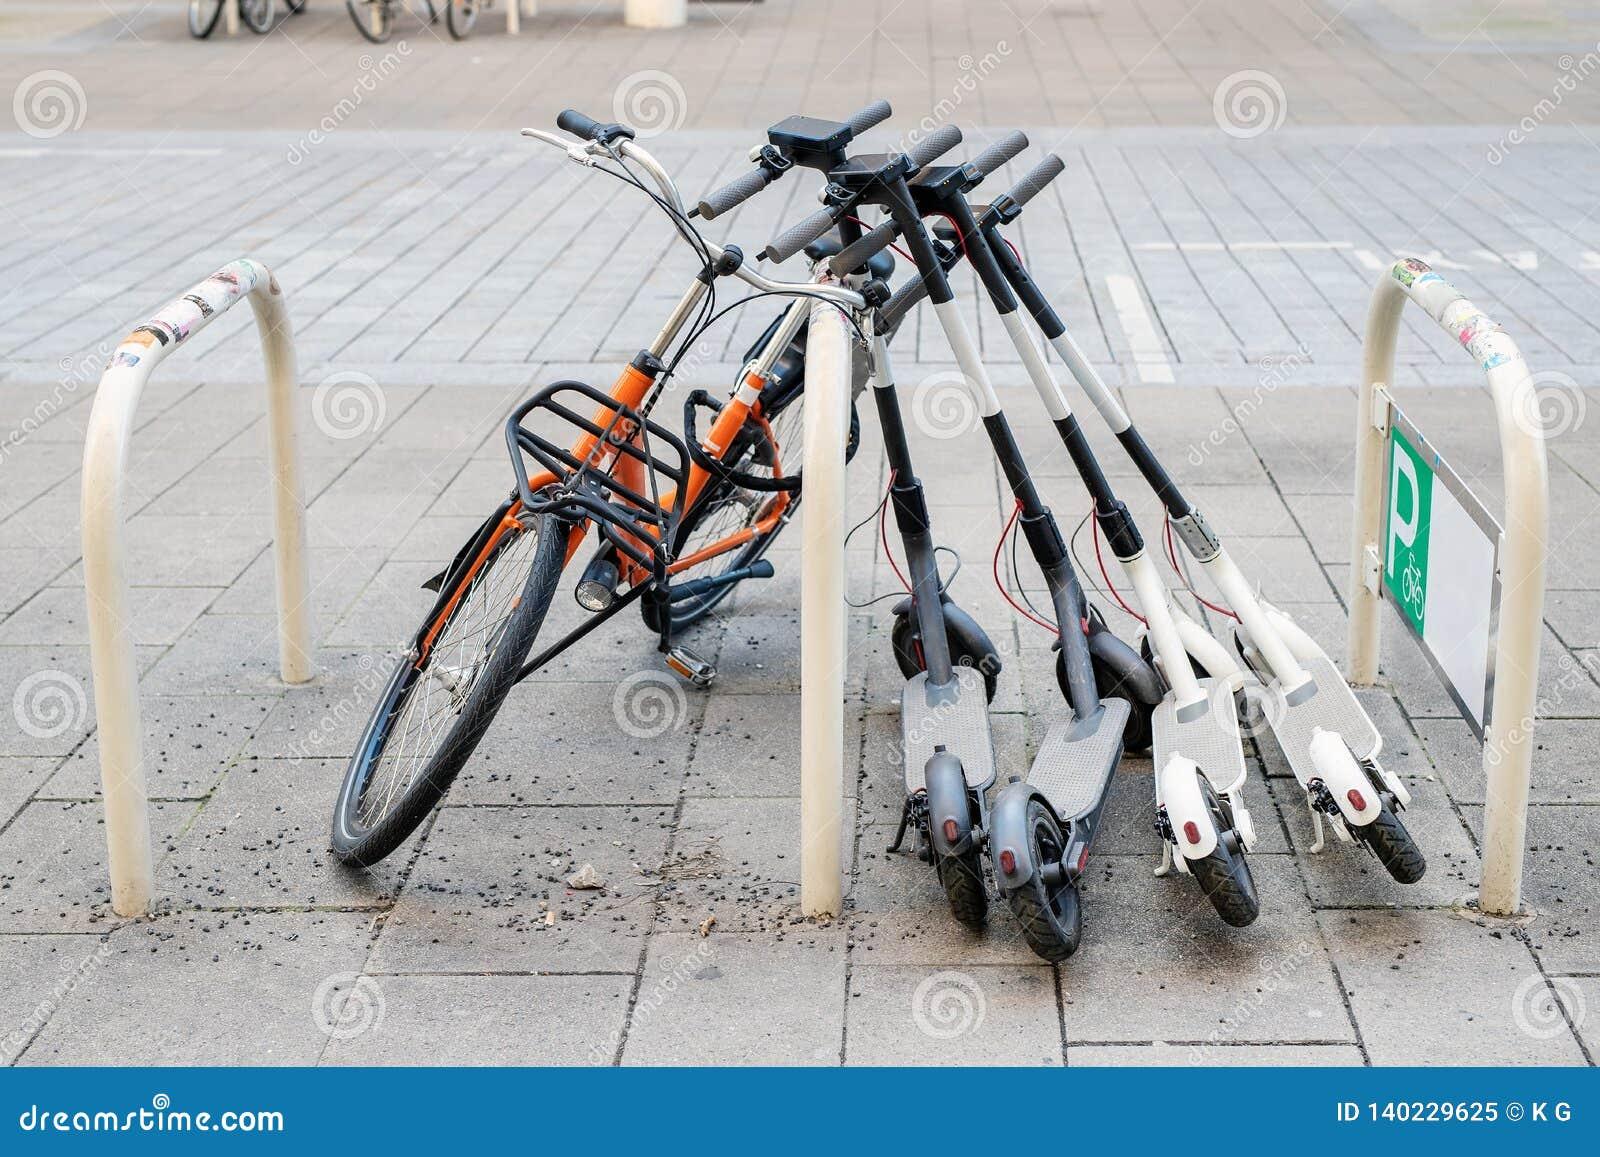 Fahrrad und elektrische Roller geparkt auf Stadtstraße Selbstbedienungsstraßen-Transport-Mietservice Mietstädtisches Fahrzeug